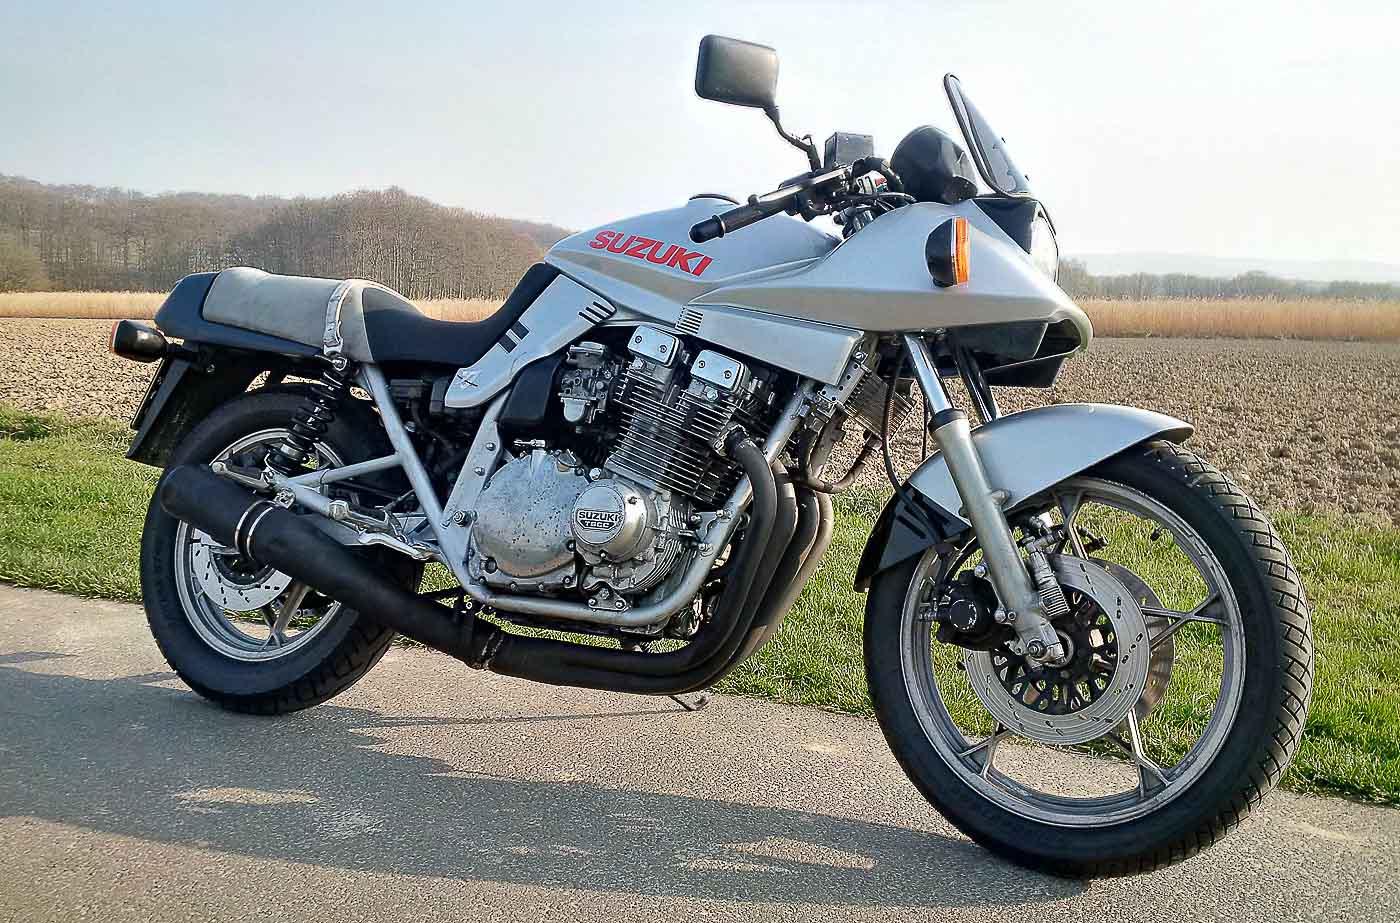 SUZUKI GSX 1100 (1980 - 2000)